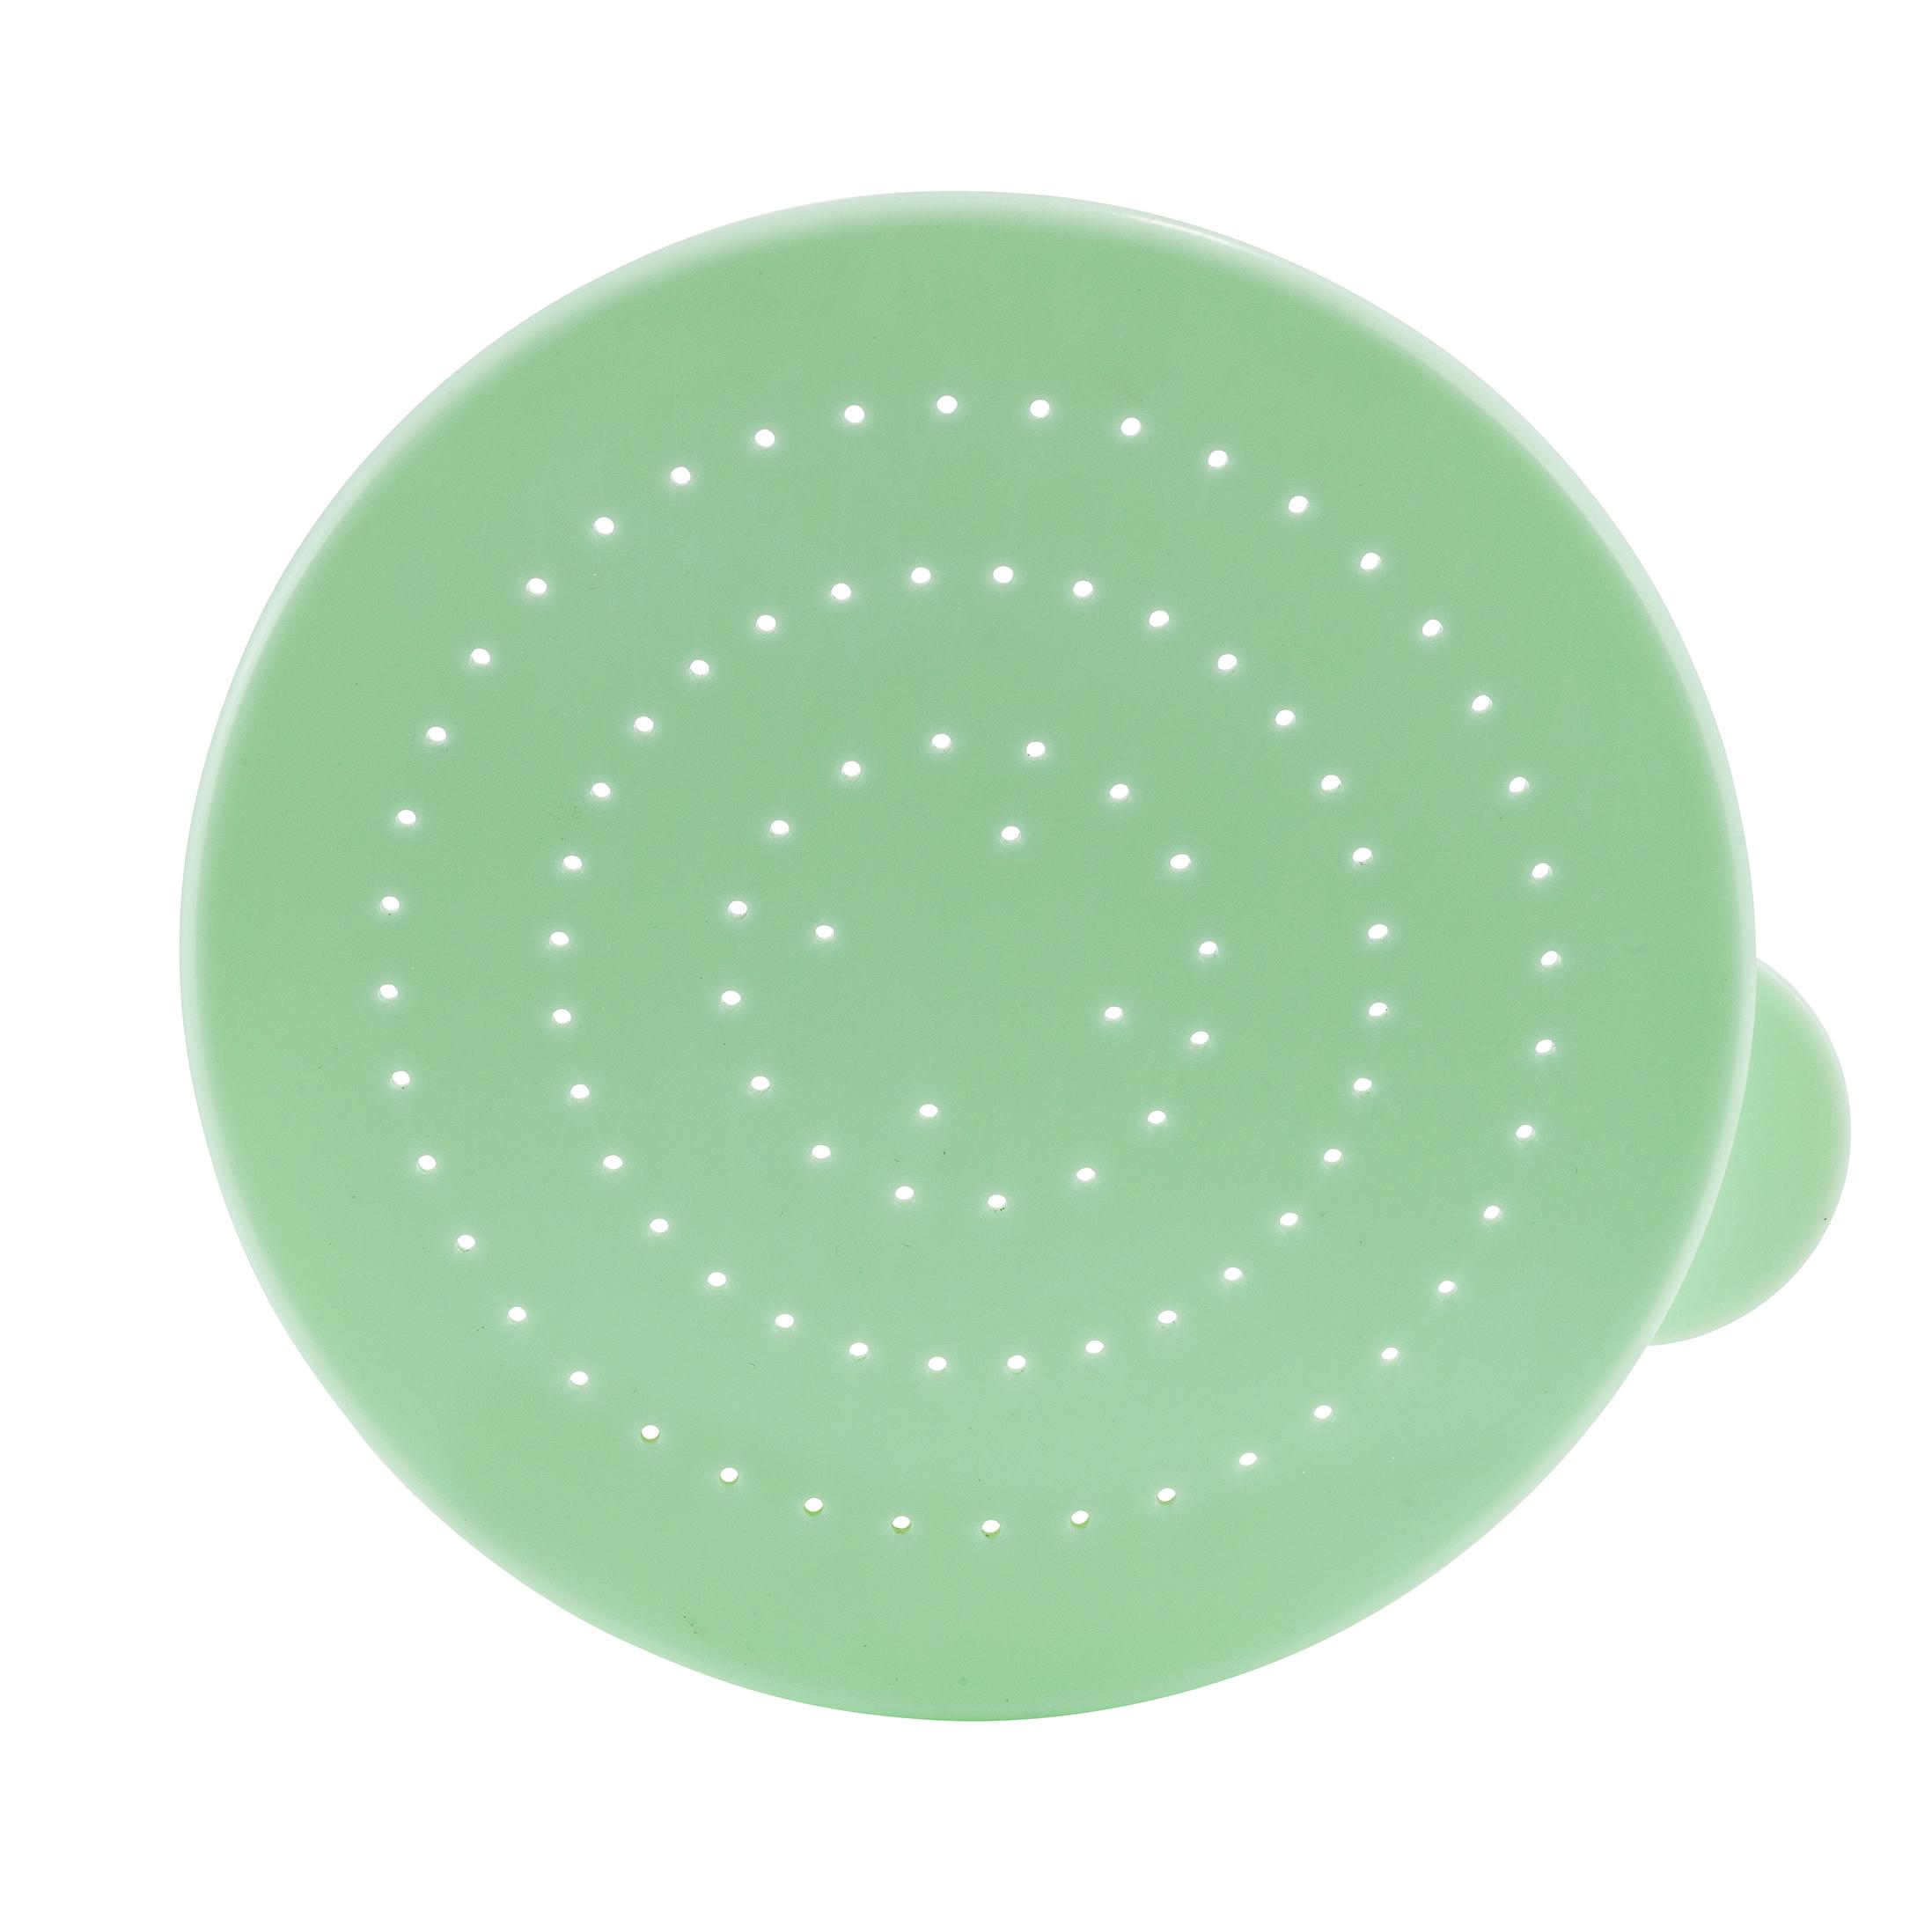 Winco PDG-GL shaker / dredge, lid